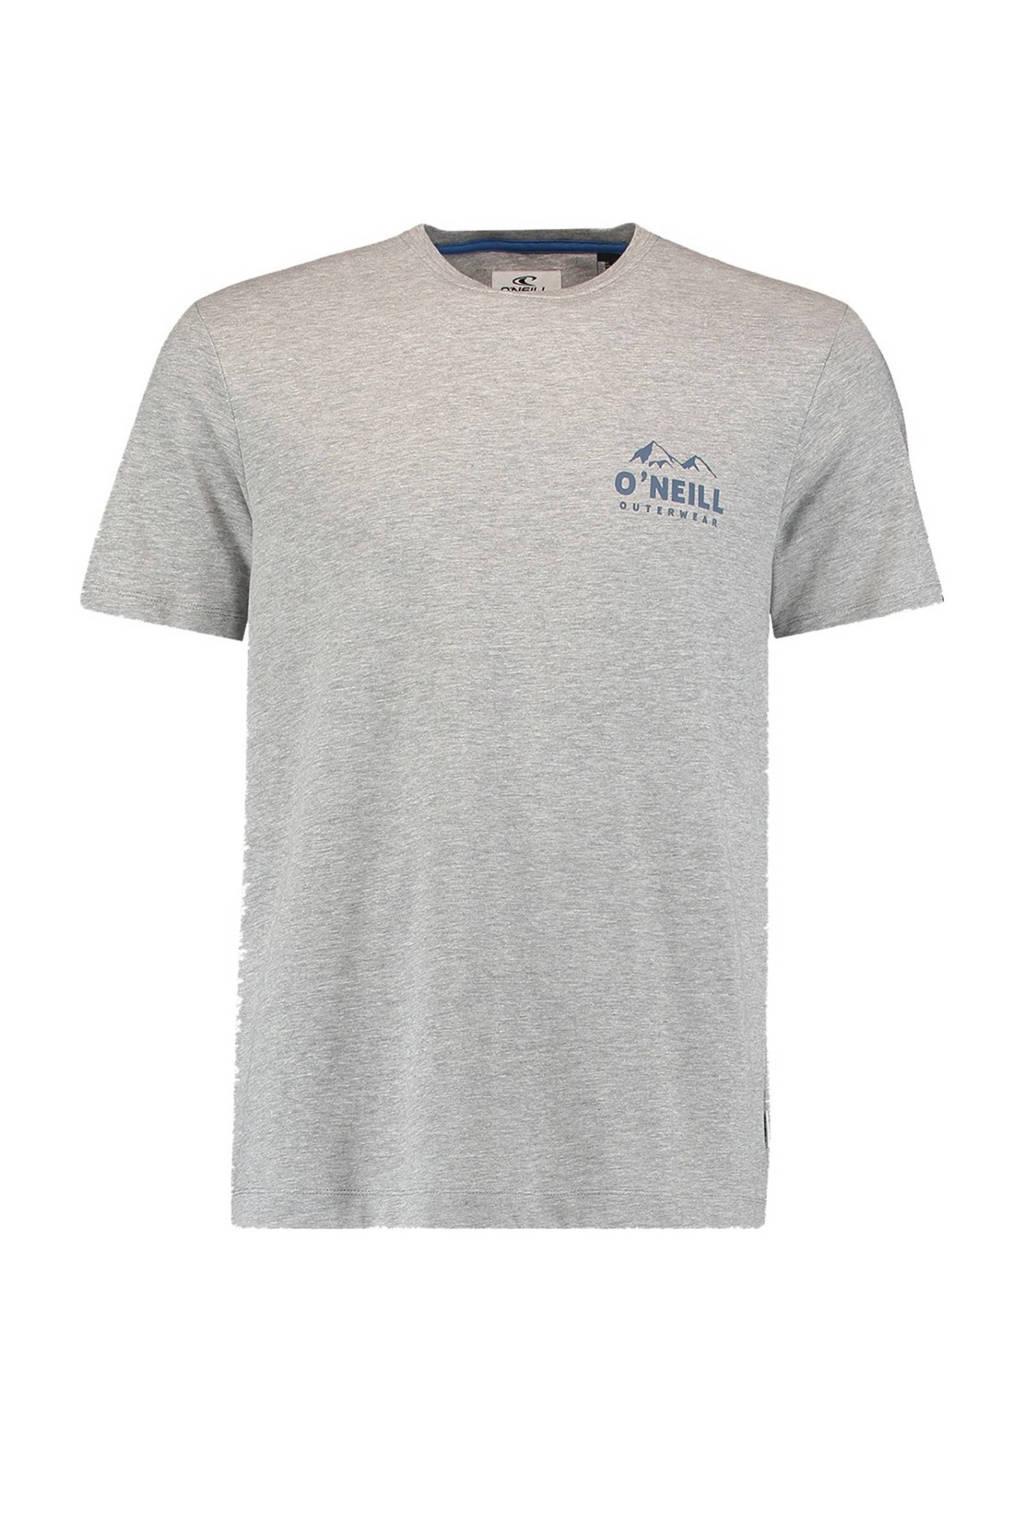 O'Neill T-shirt Rocky Mountain blauw, Grijs melange